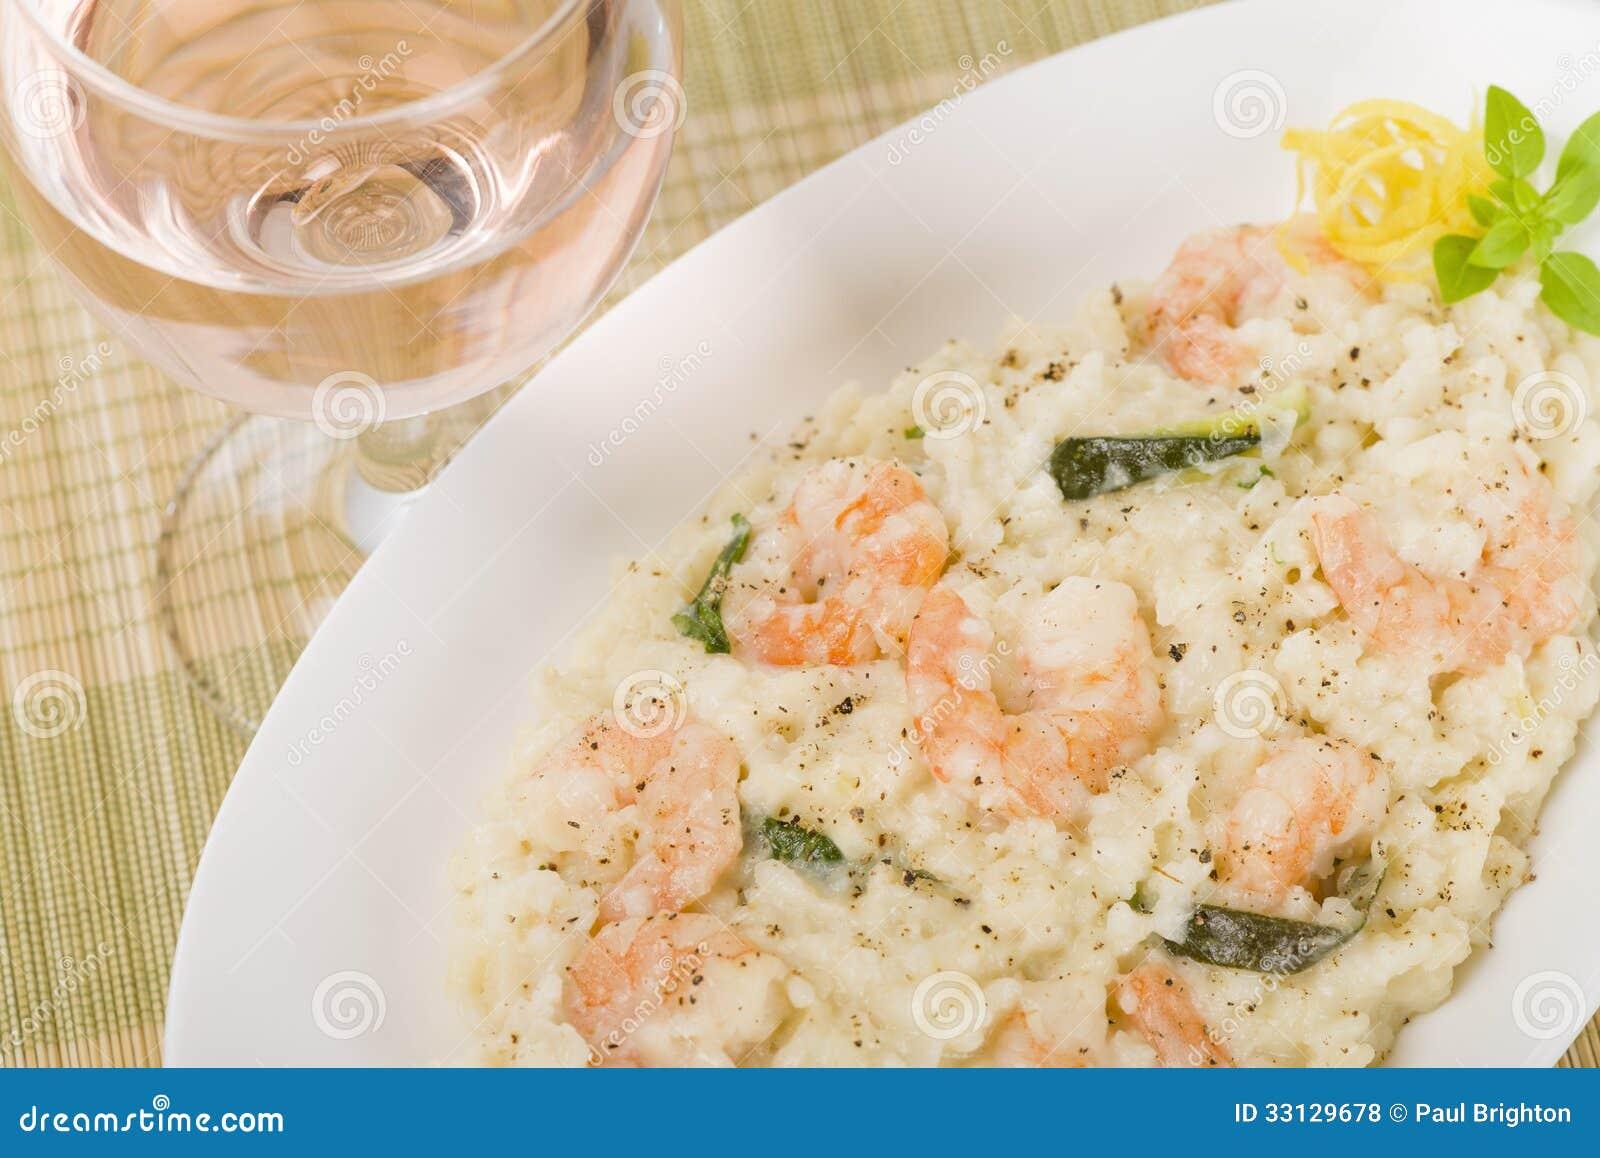 大虾意大利煨饭比亚恩科图片